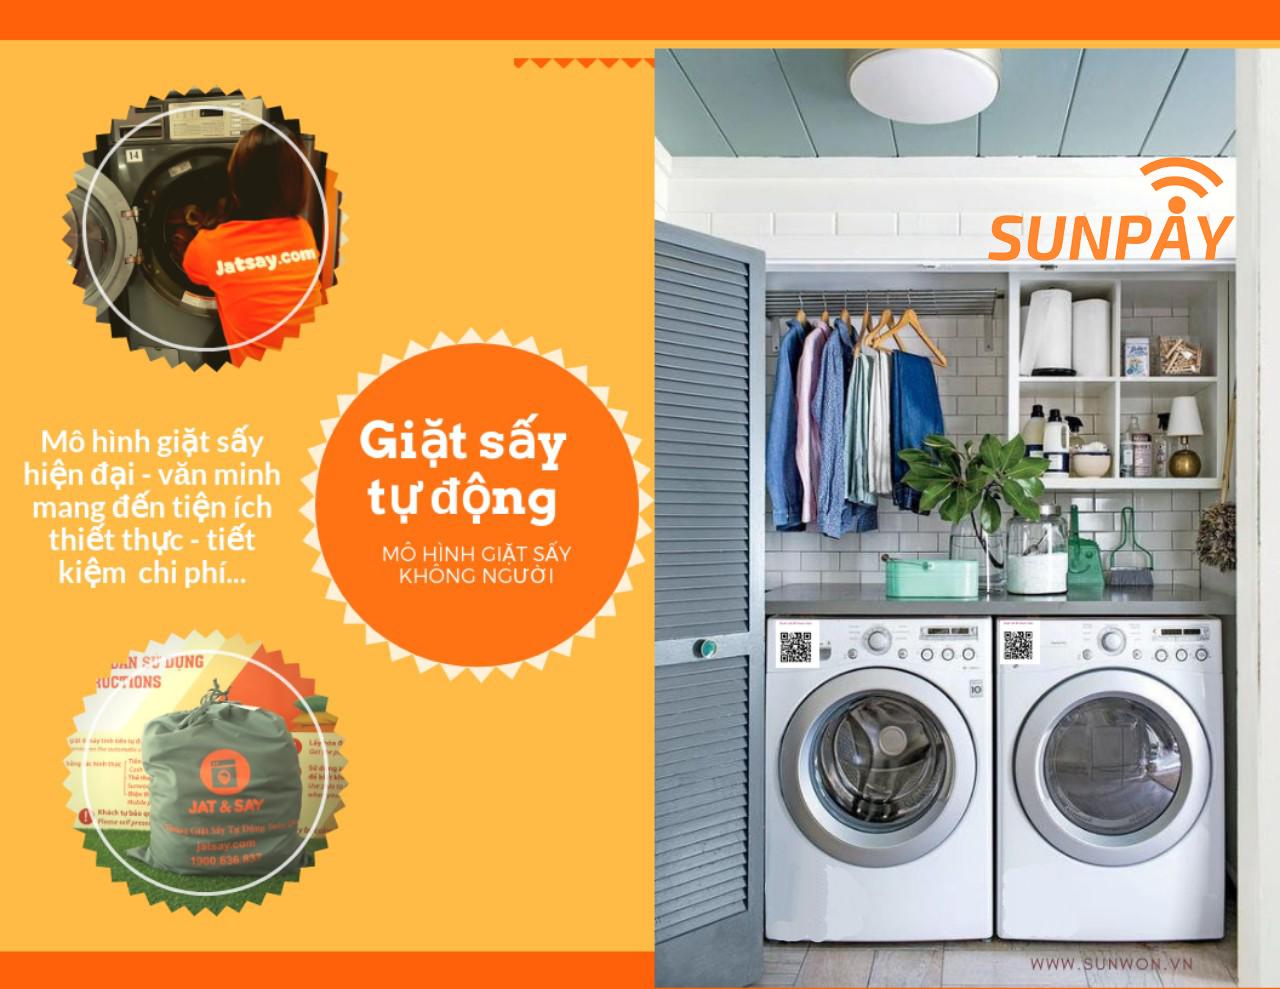 """Máy giặt công nghệ SunPay - """"Giải phóng"""" hàng ngàn sinh viên, người lao động khỏi việc giặt đồ nhàm chán, mất thời gian - Ảnh 4."""